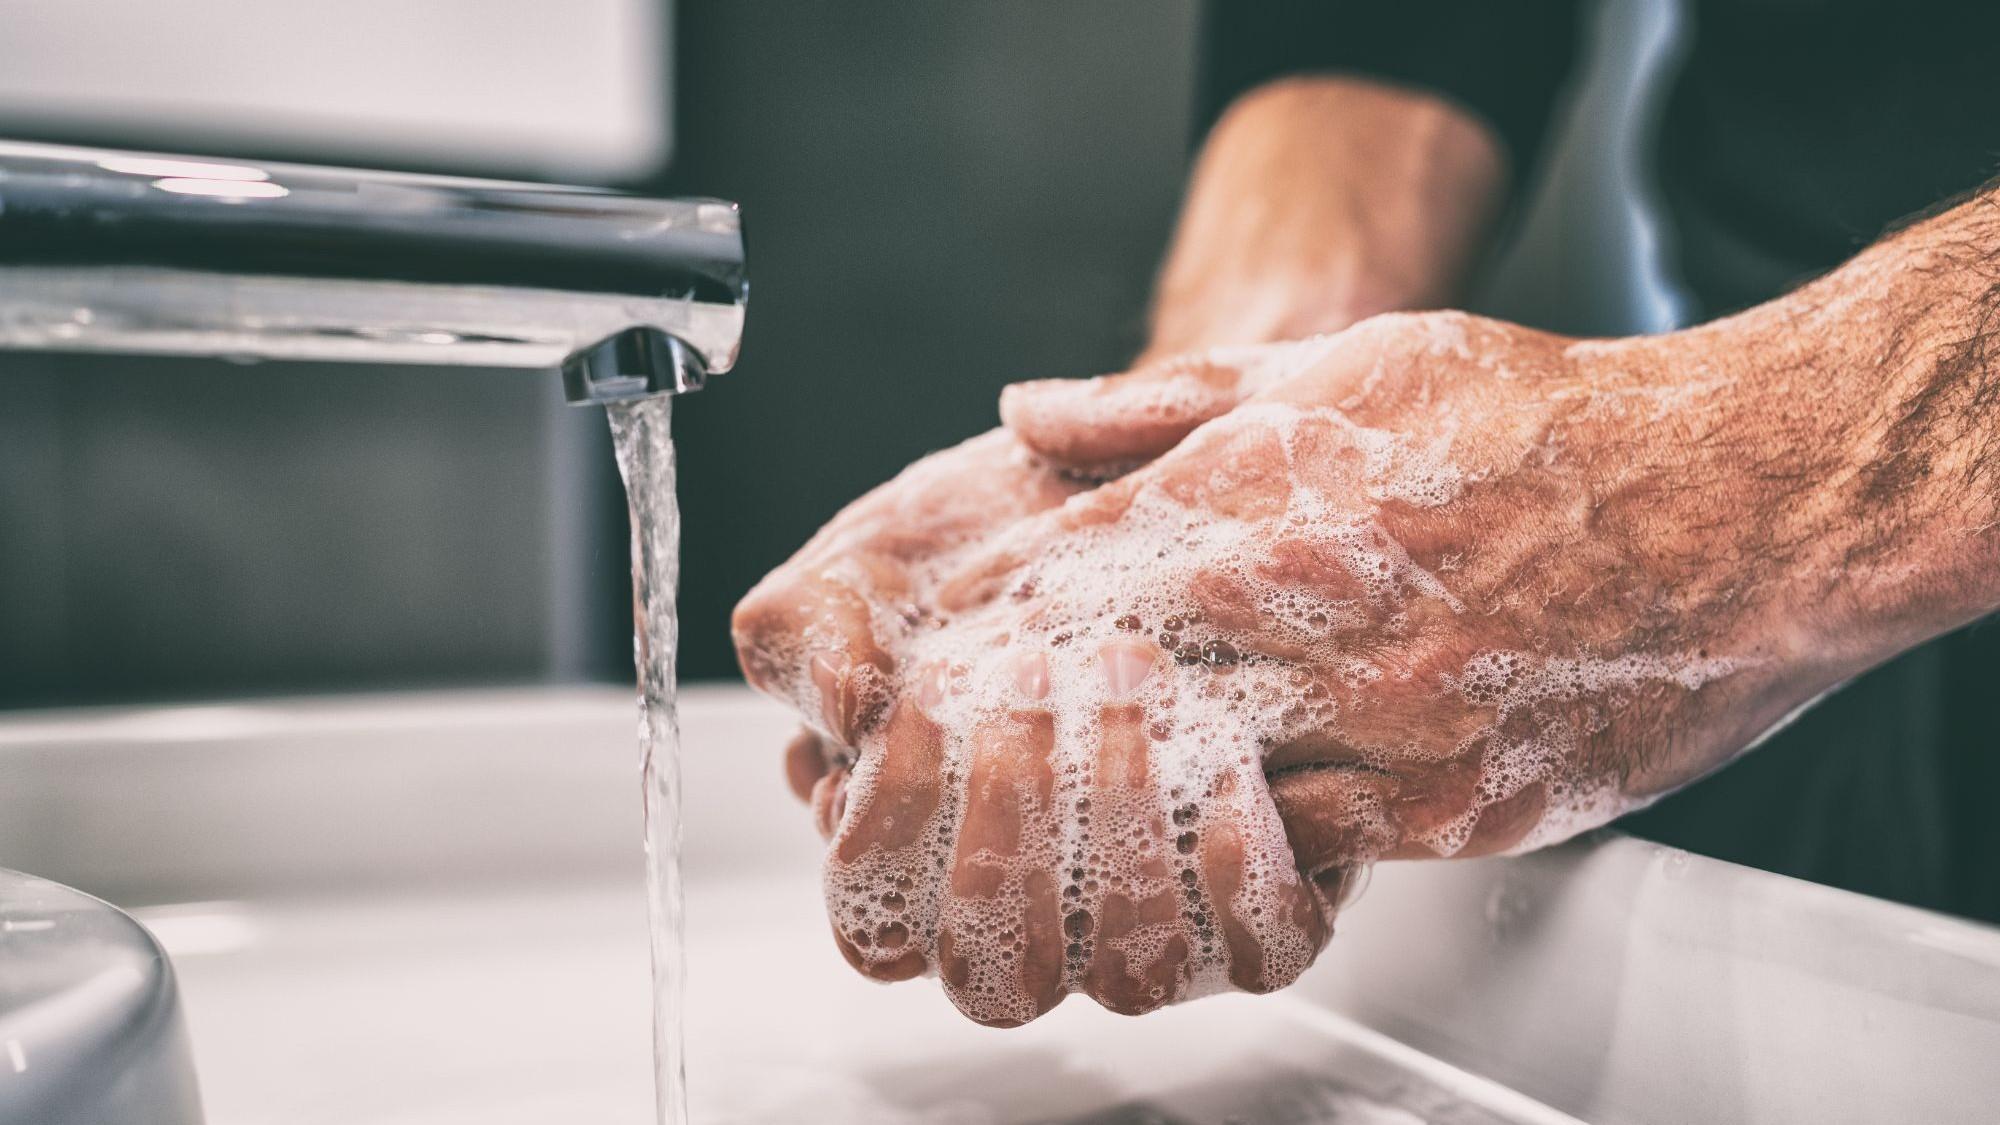 Représentation de la formation : SA02 - Bonnes pratiques d'hygiène : adopter les bons réflexes